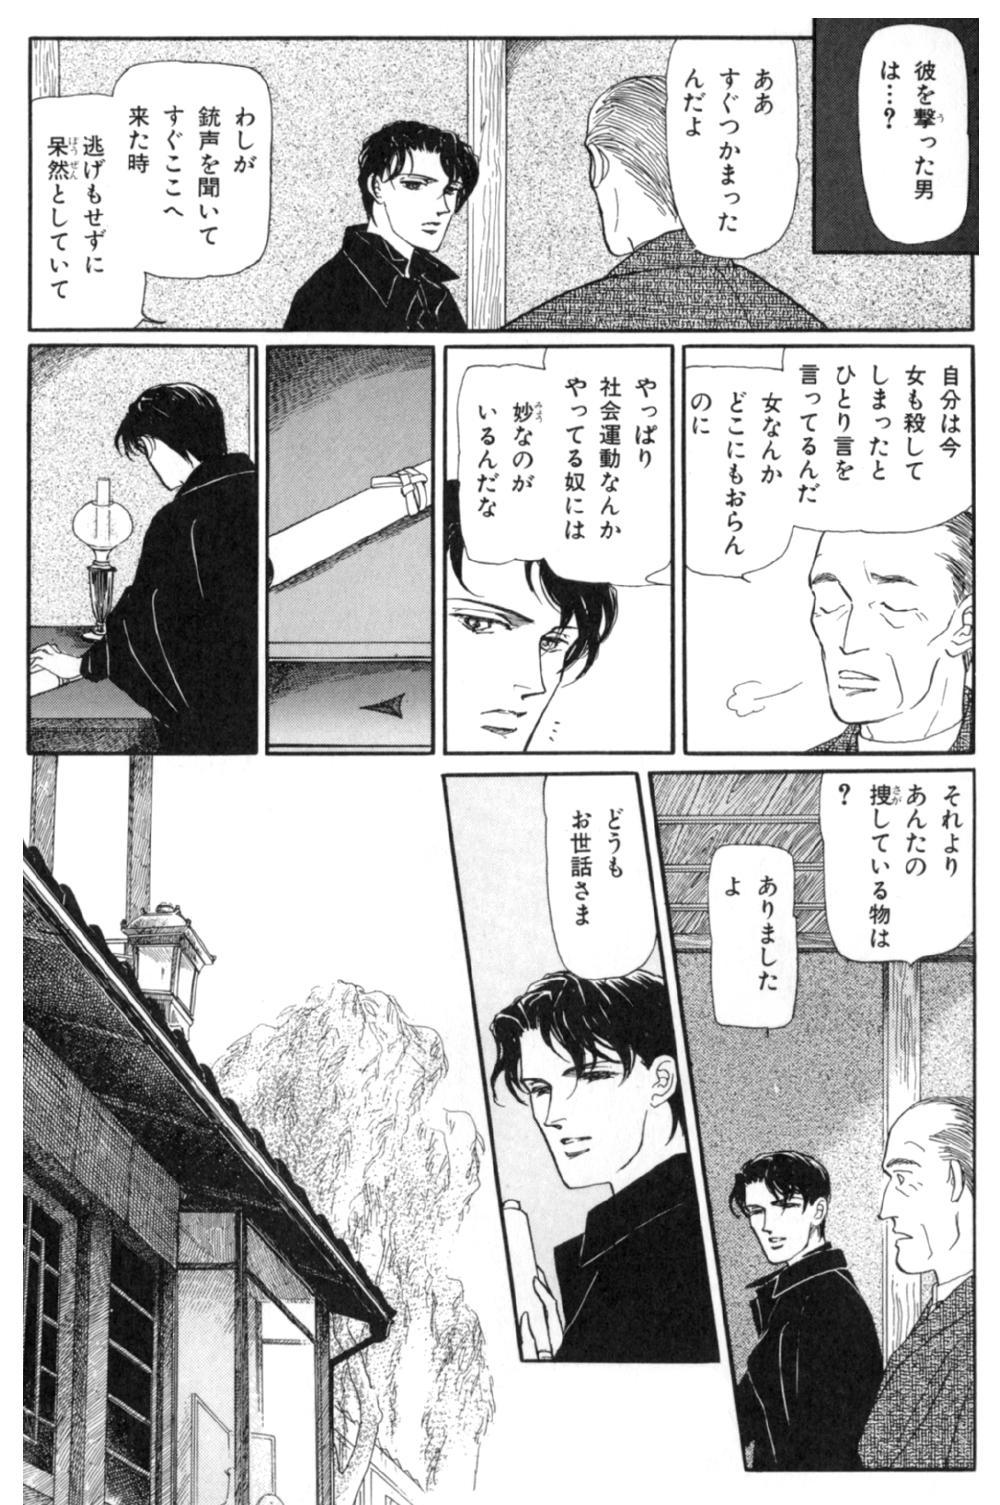 雨柳堂夢咄 第1話「花椿の恋」②uryu24.jpg